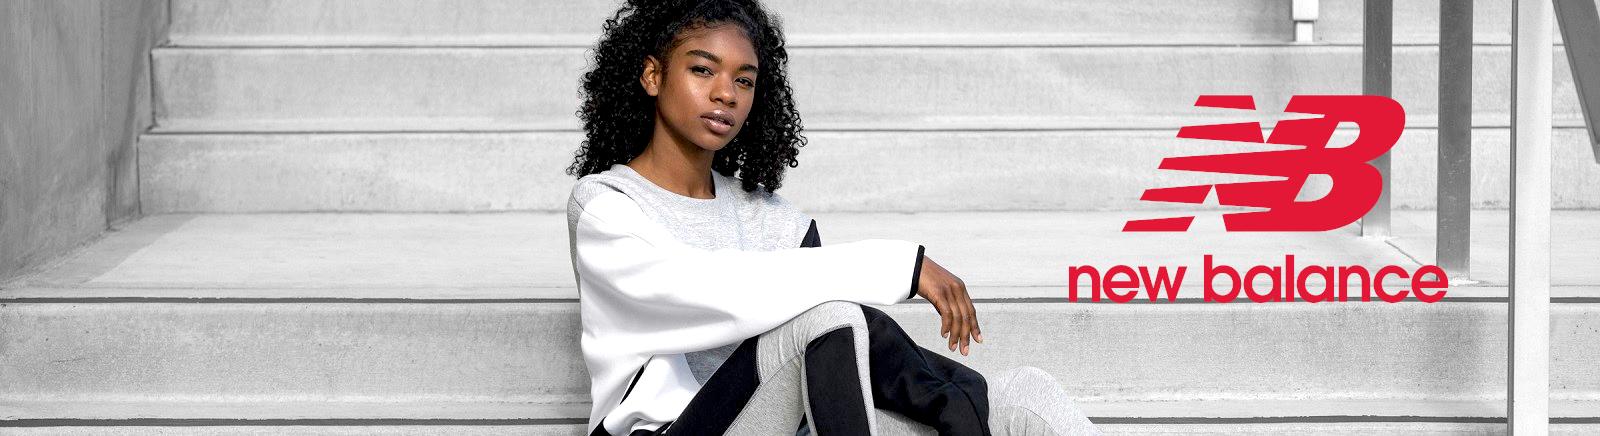 New Balance Damenschuhe online entdecken im Juppen Shop